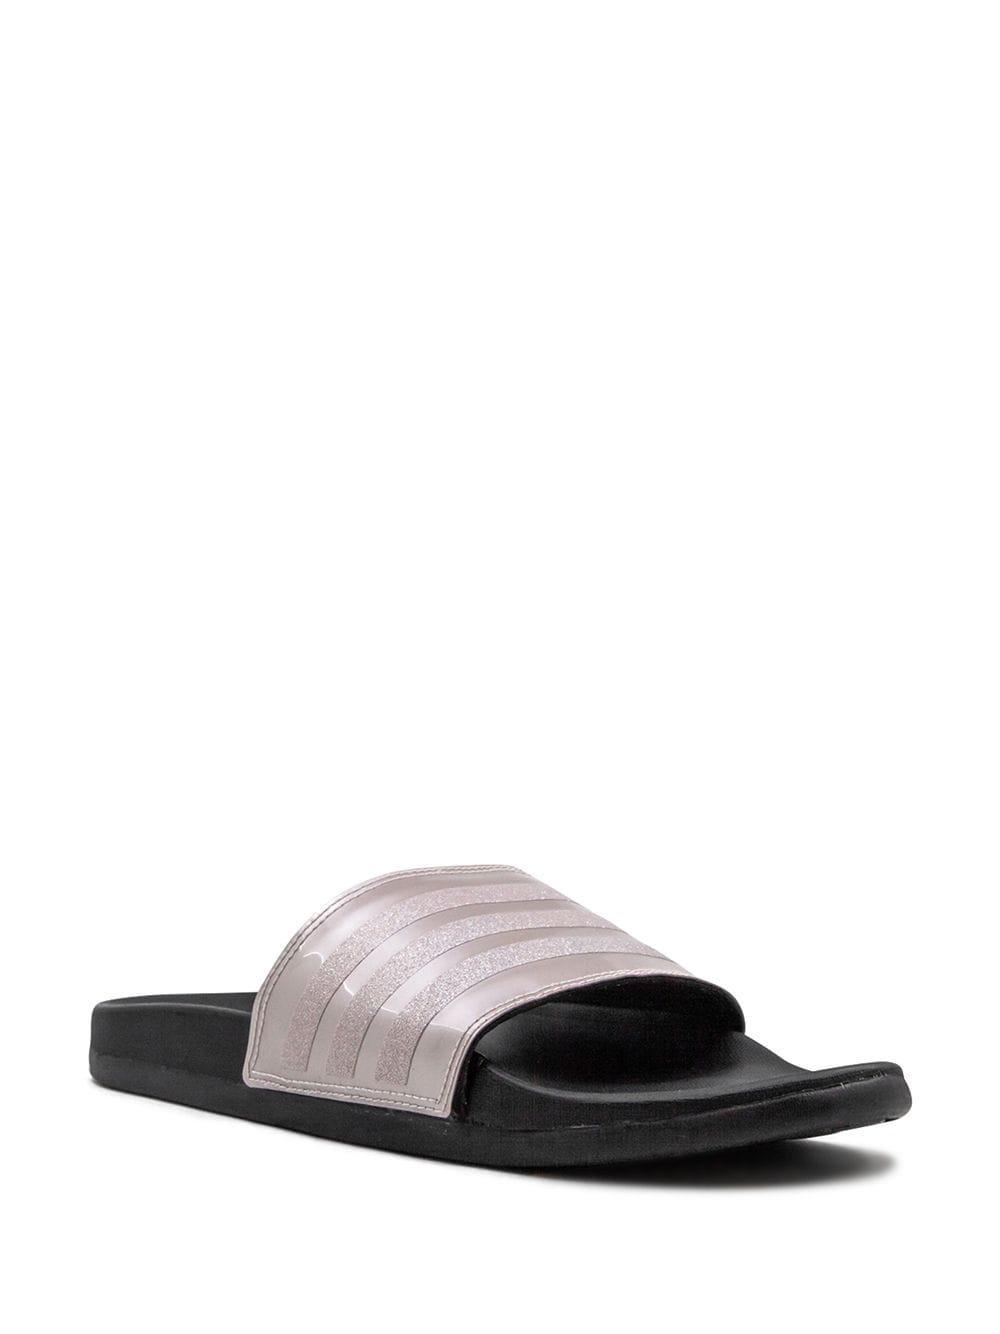 Claquettes Adilette Comfort Caoutchouc adidas en coloris Noir